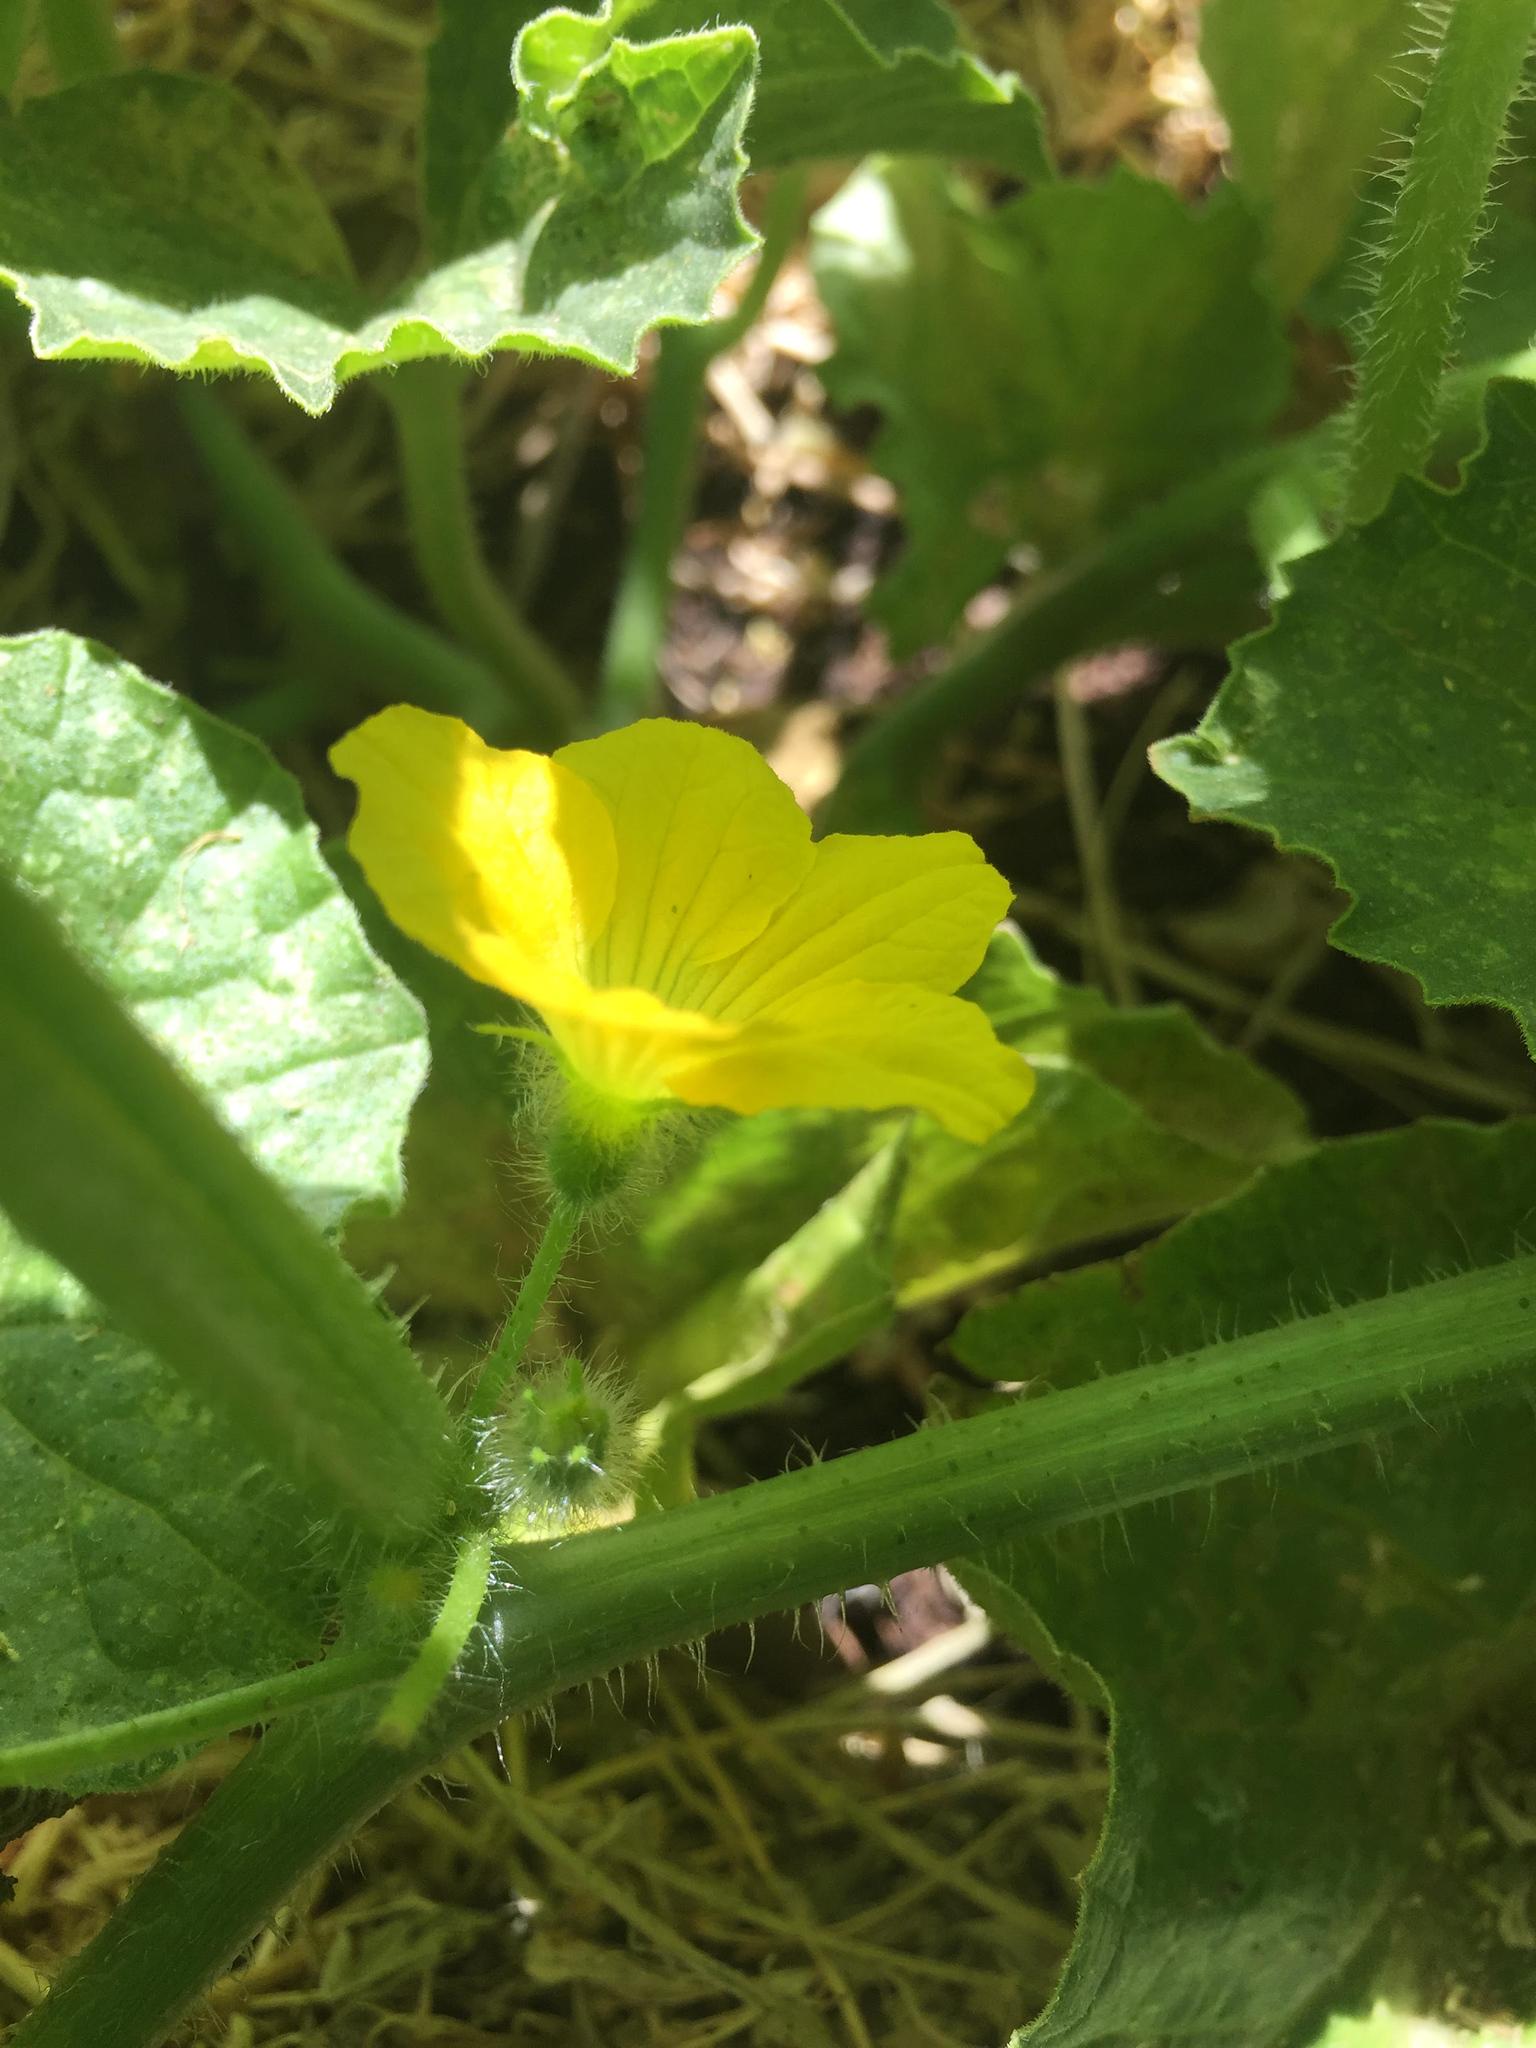 Male watermelon flower